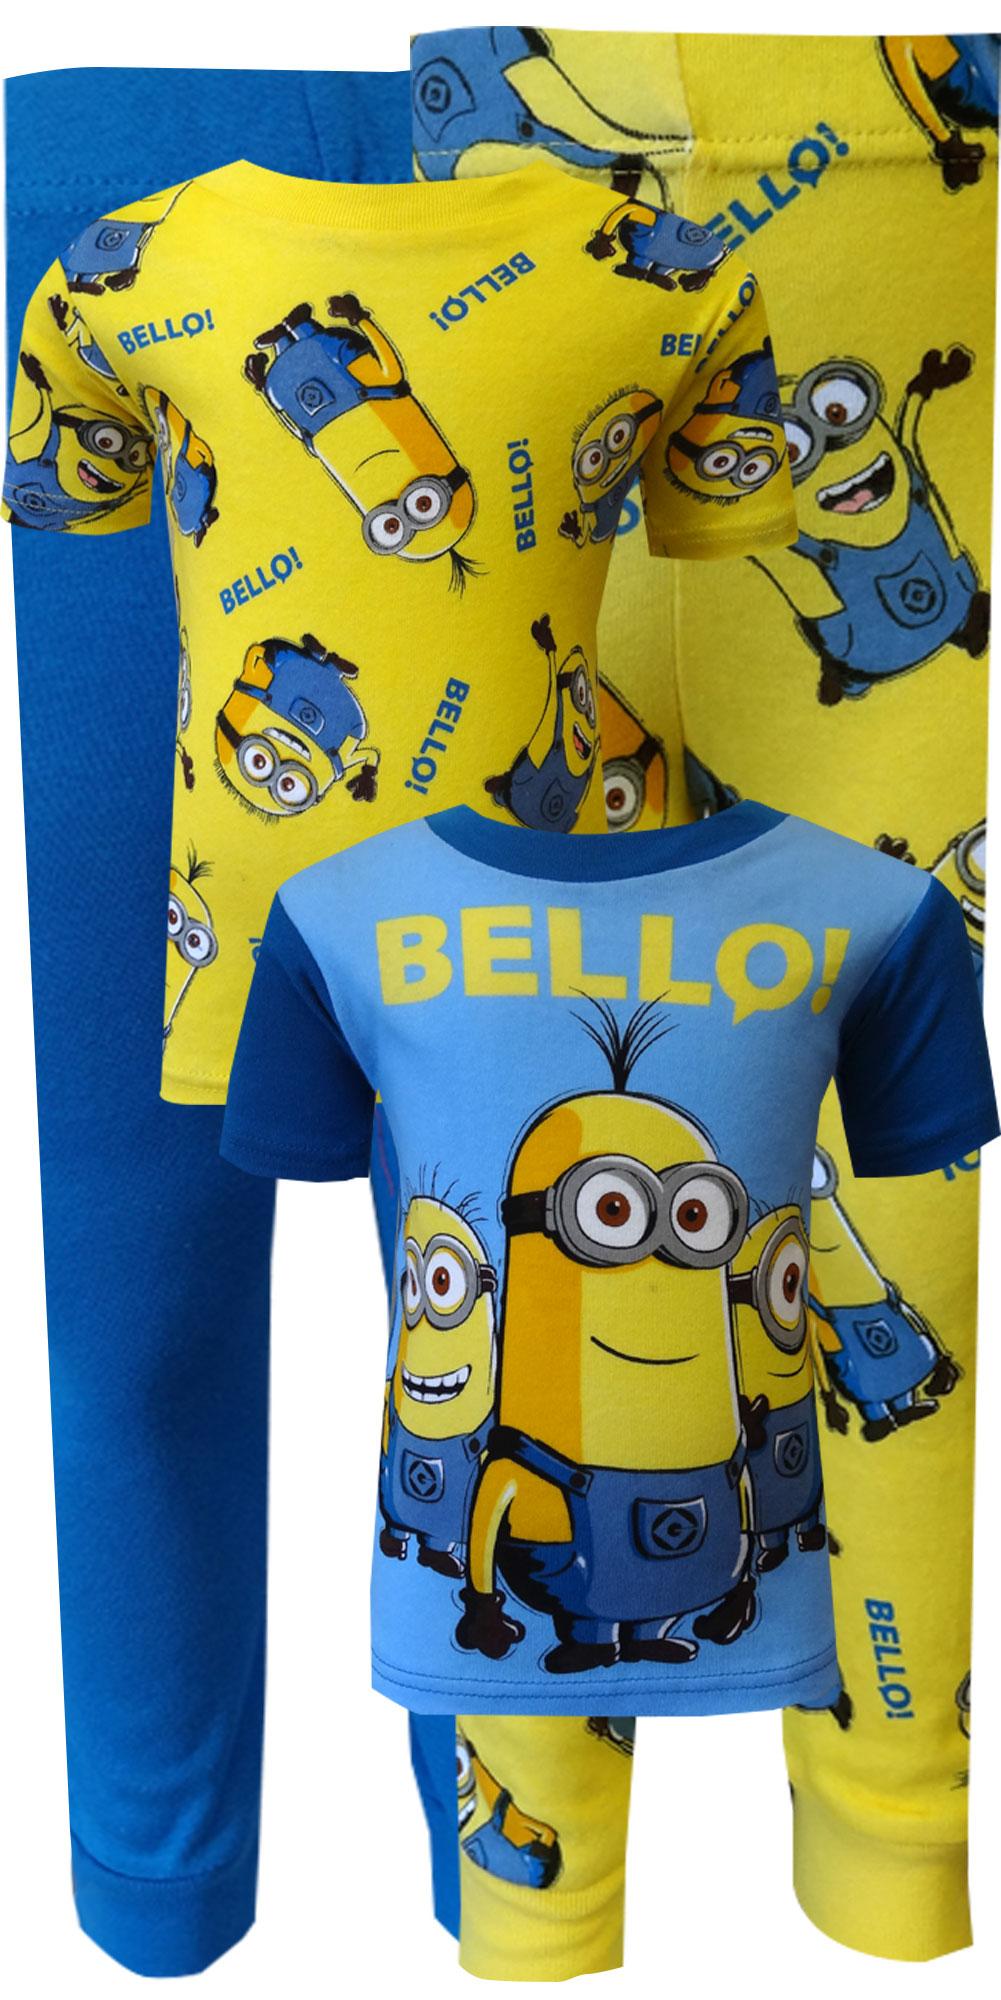 Image of Despicable Me 2 Minion Bello! 4 Piece Cotton Pajamas for boys